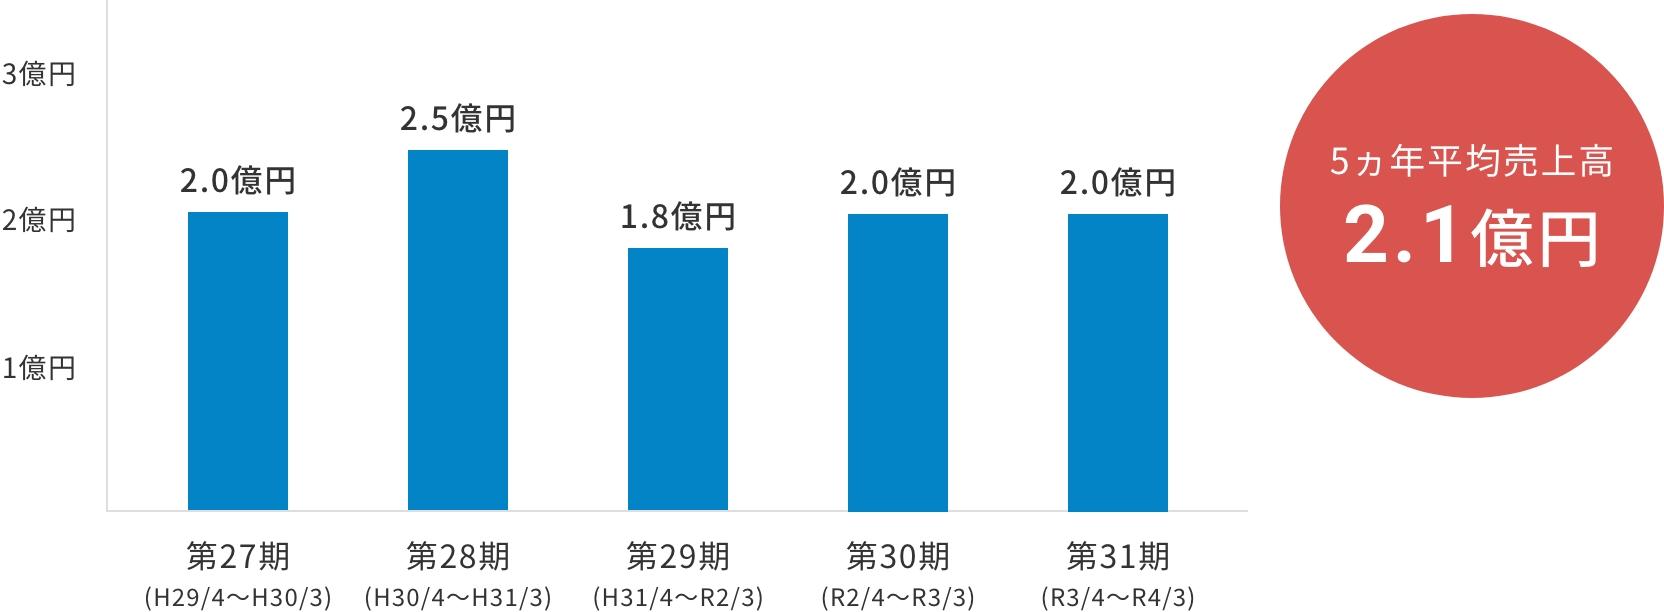 5ヵ年平均売上高 2.3億円